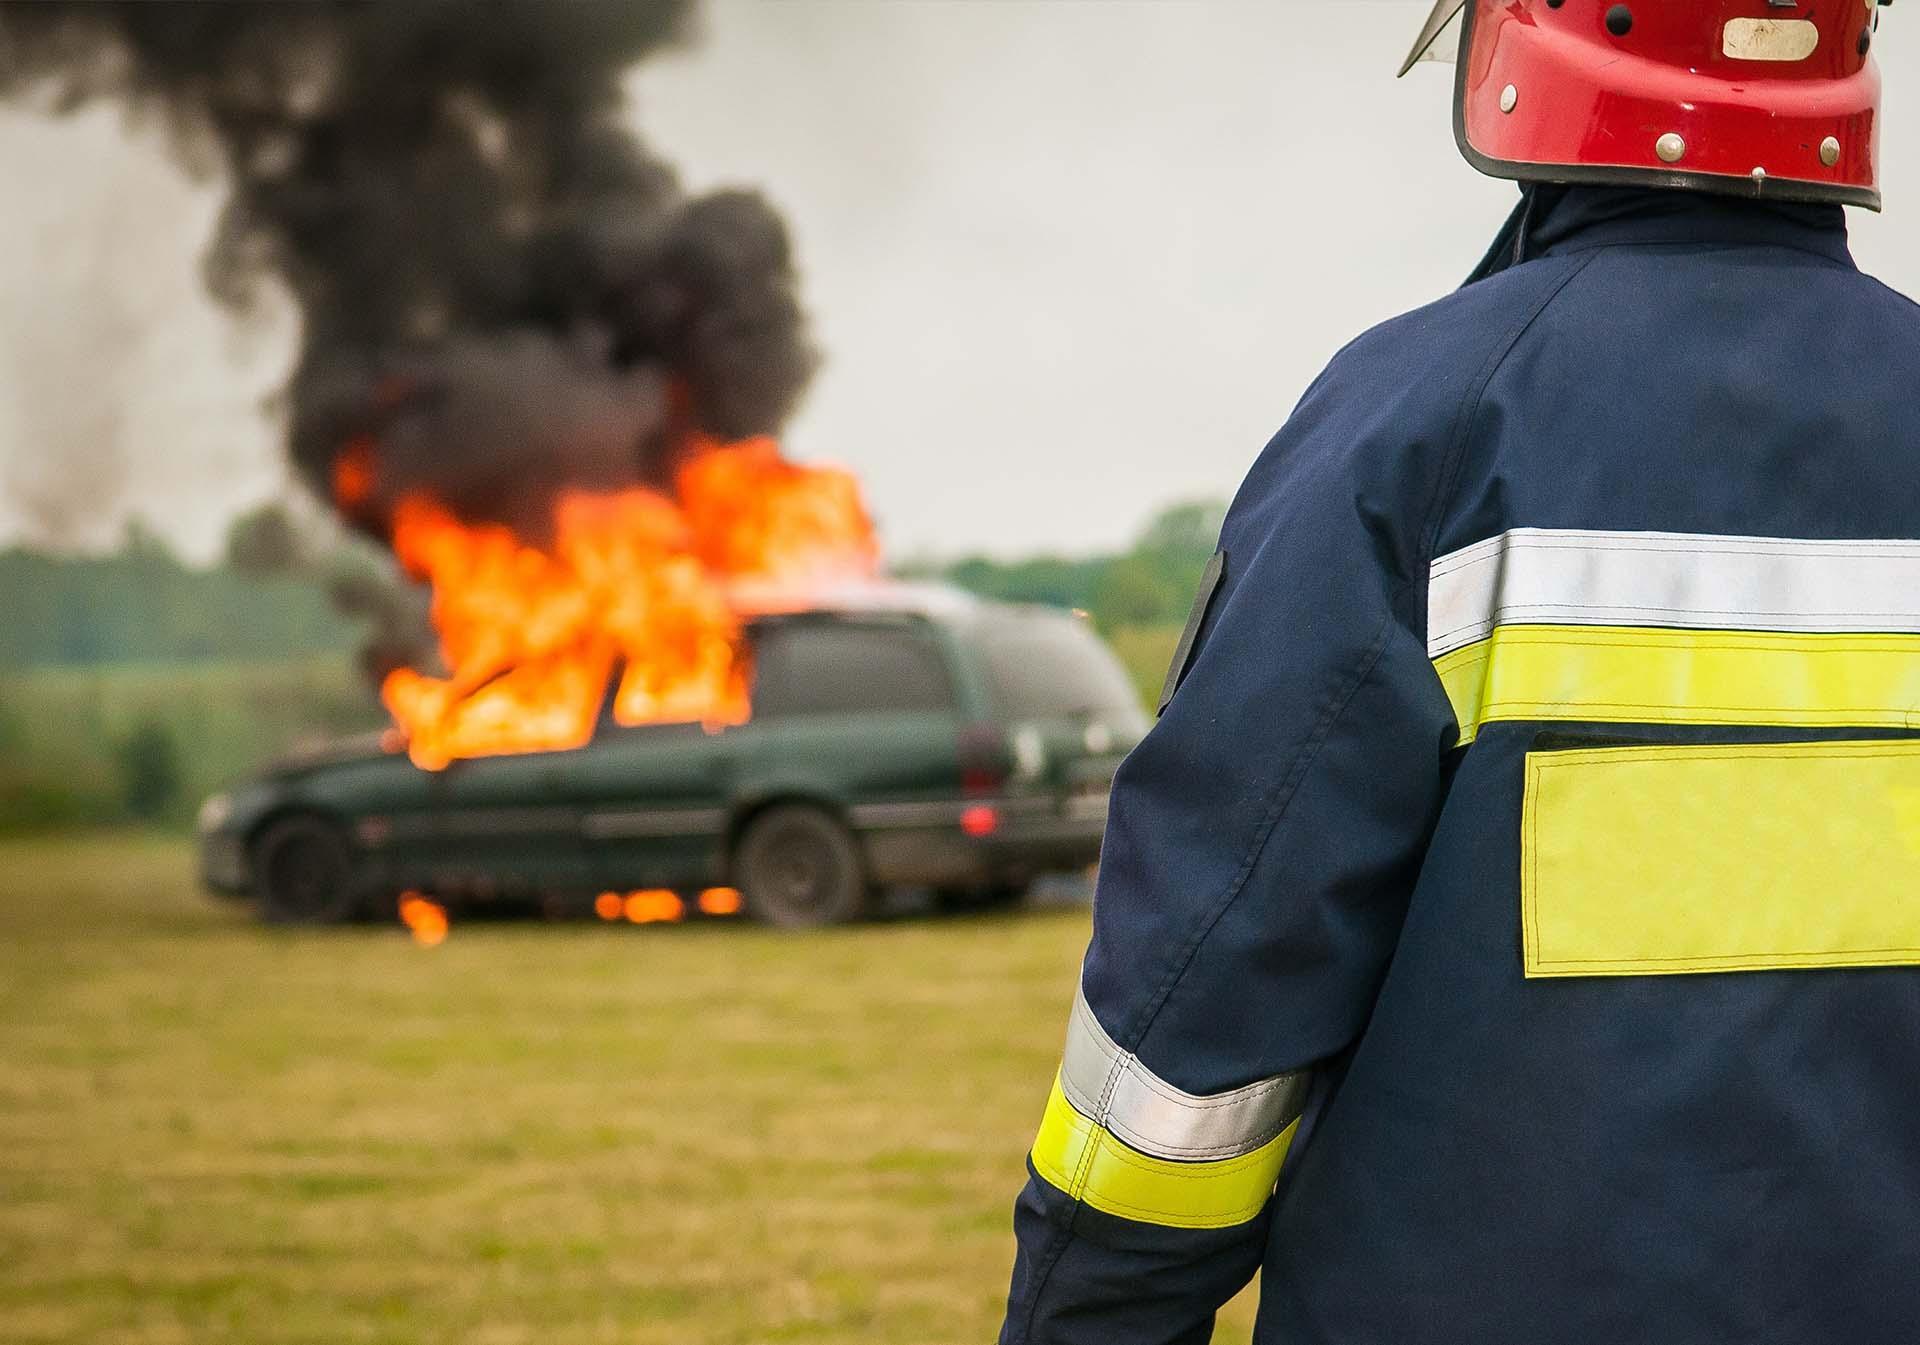 Ki fizeti a kárt, ha más miatt égett ki az autóm?